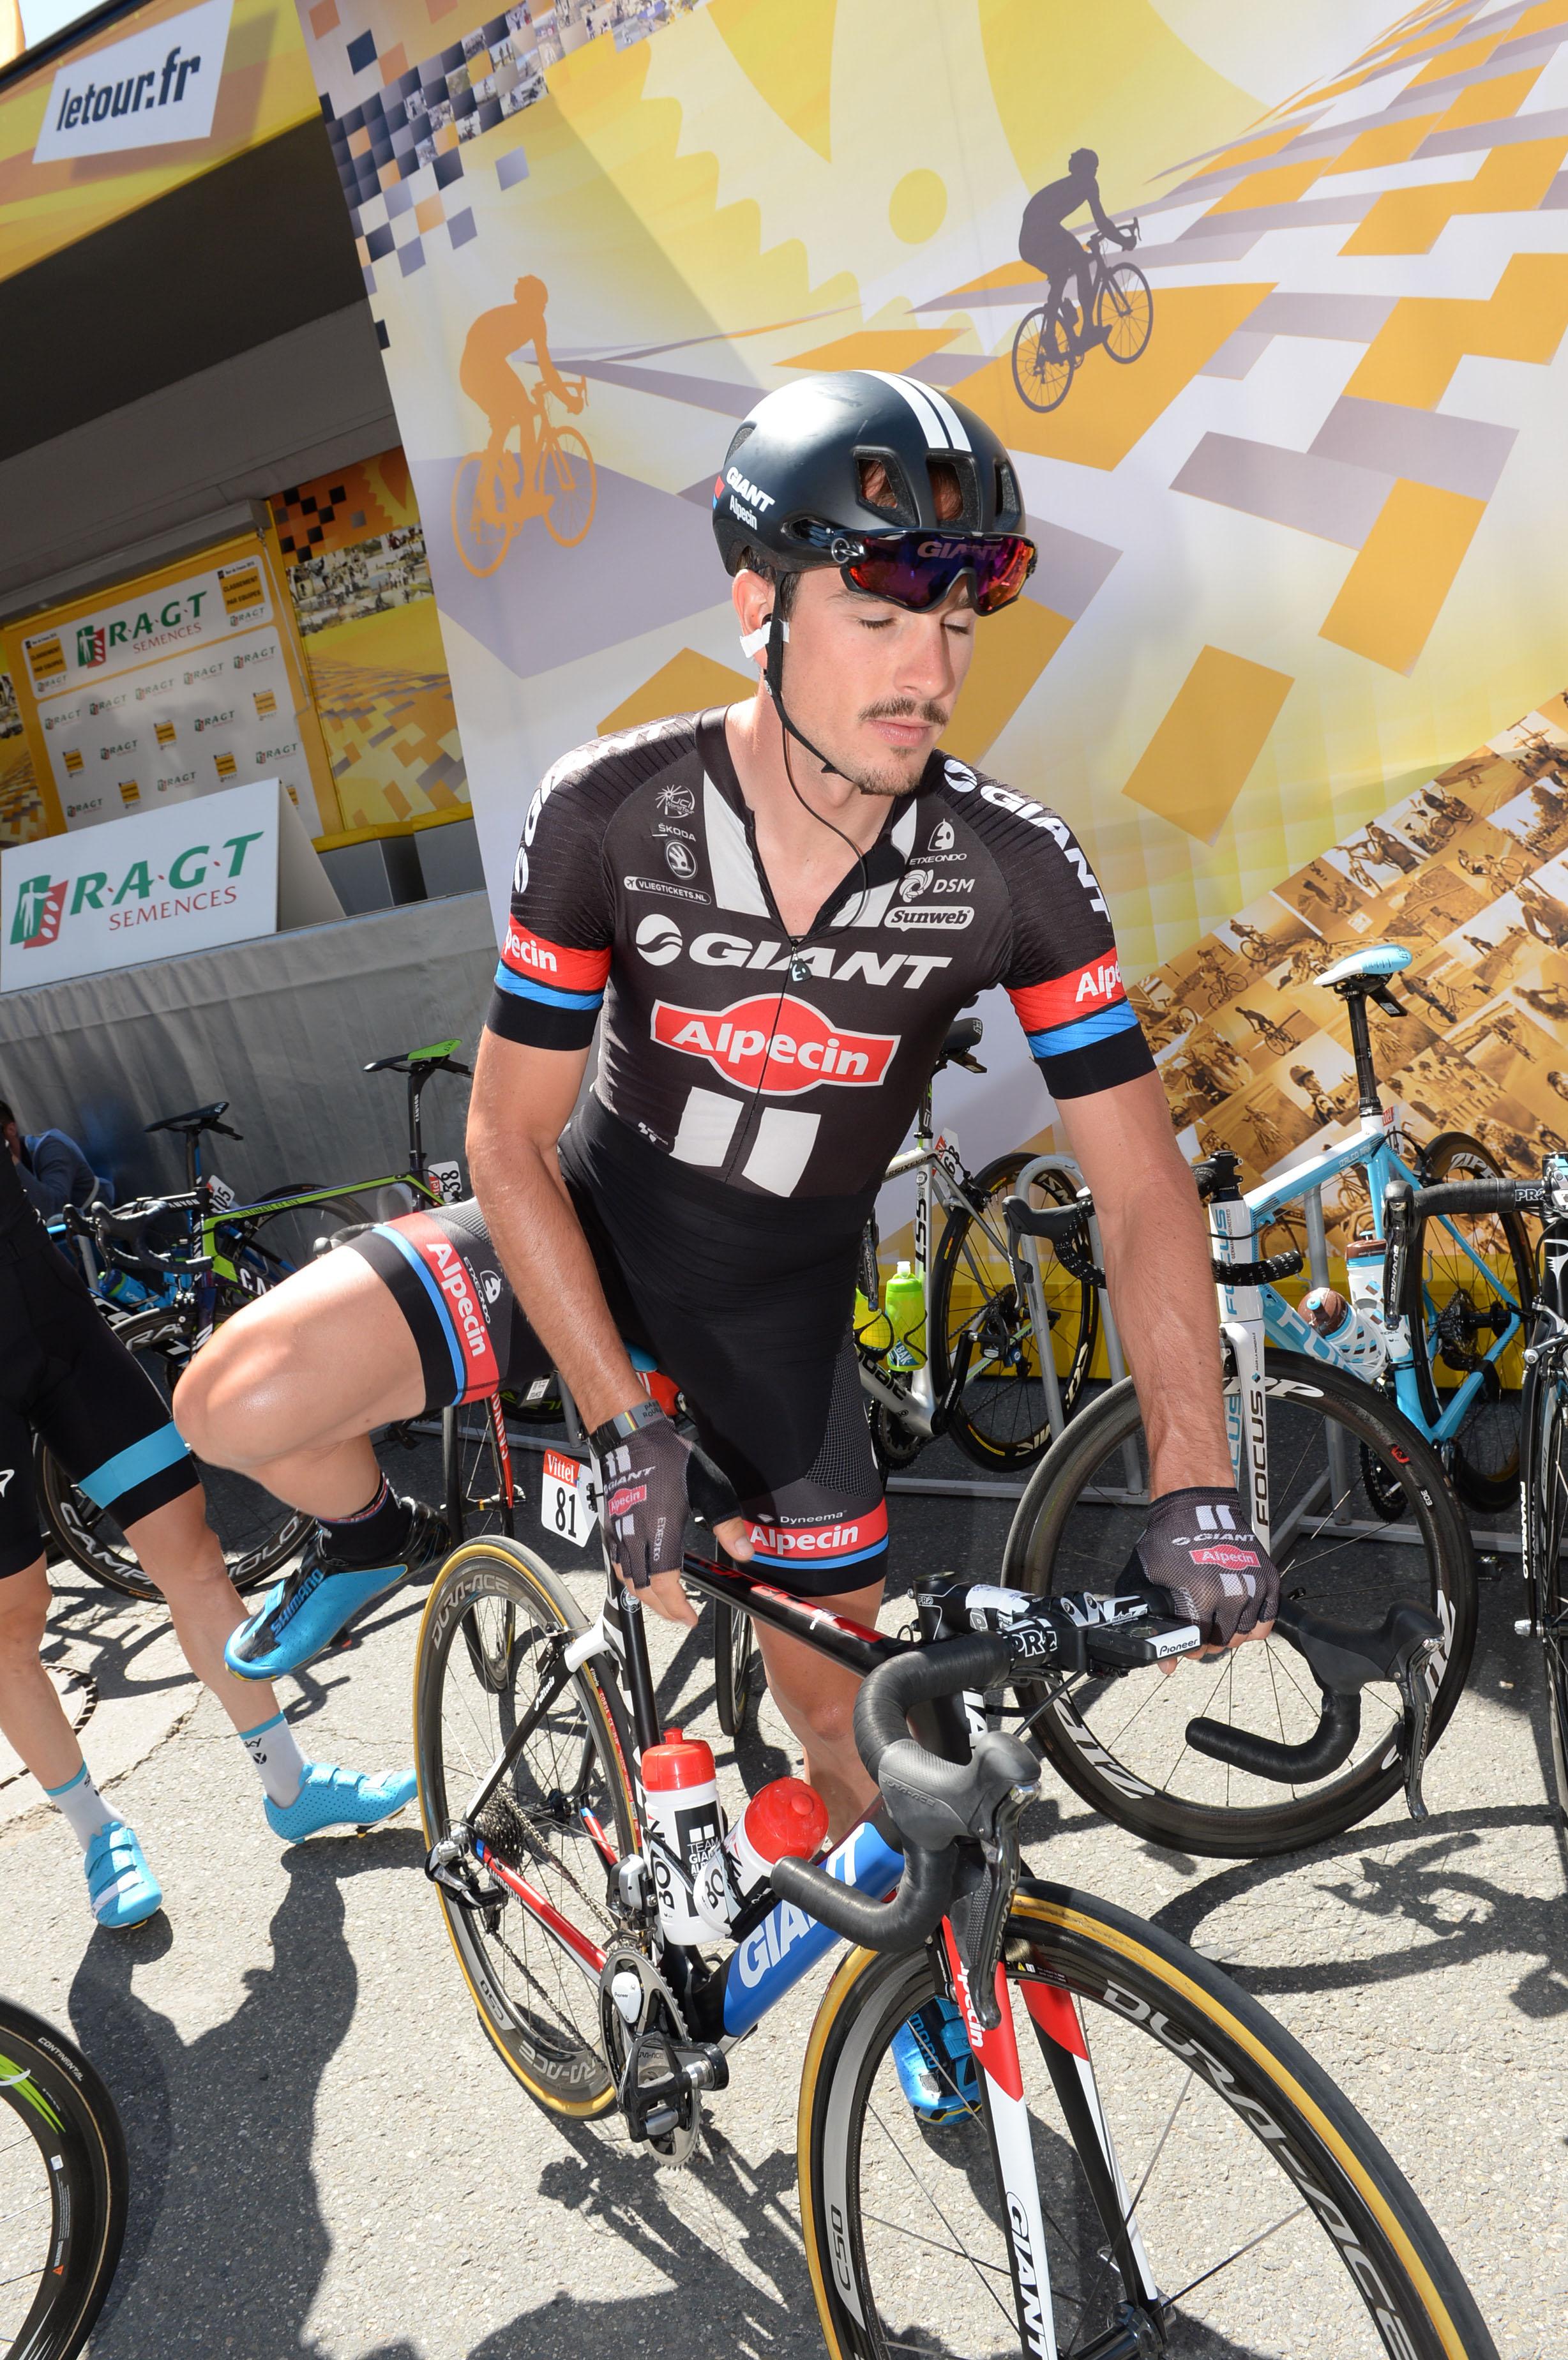 Tour de France 2015 - 7. Etappe & 13. Etappe - John Degenkolb erreicht den 4. Platz. (pic: Sirotti)